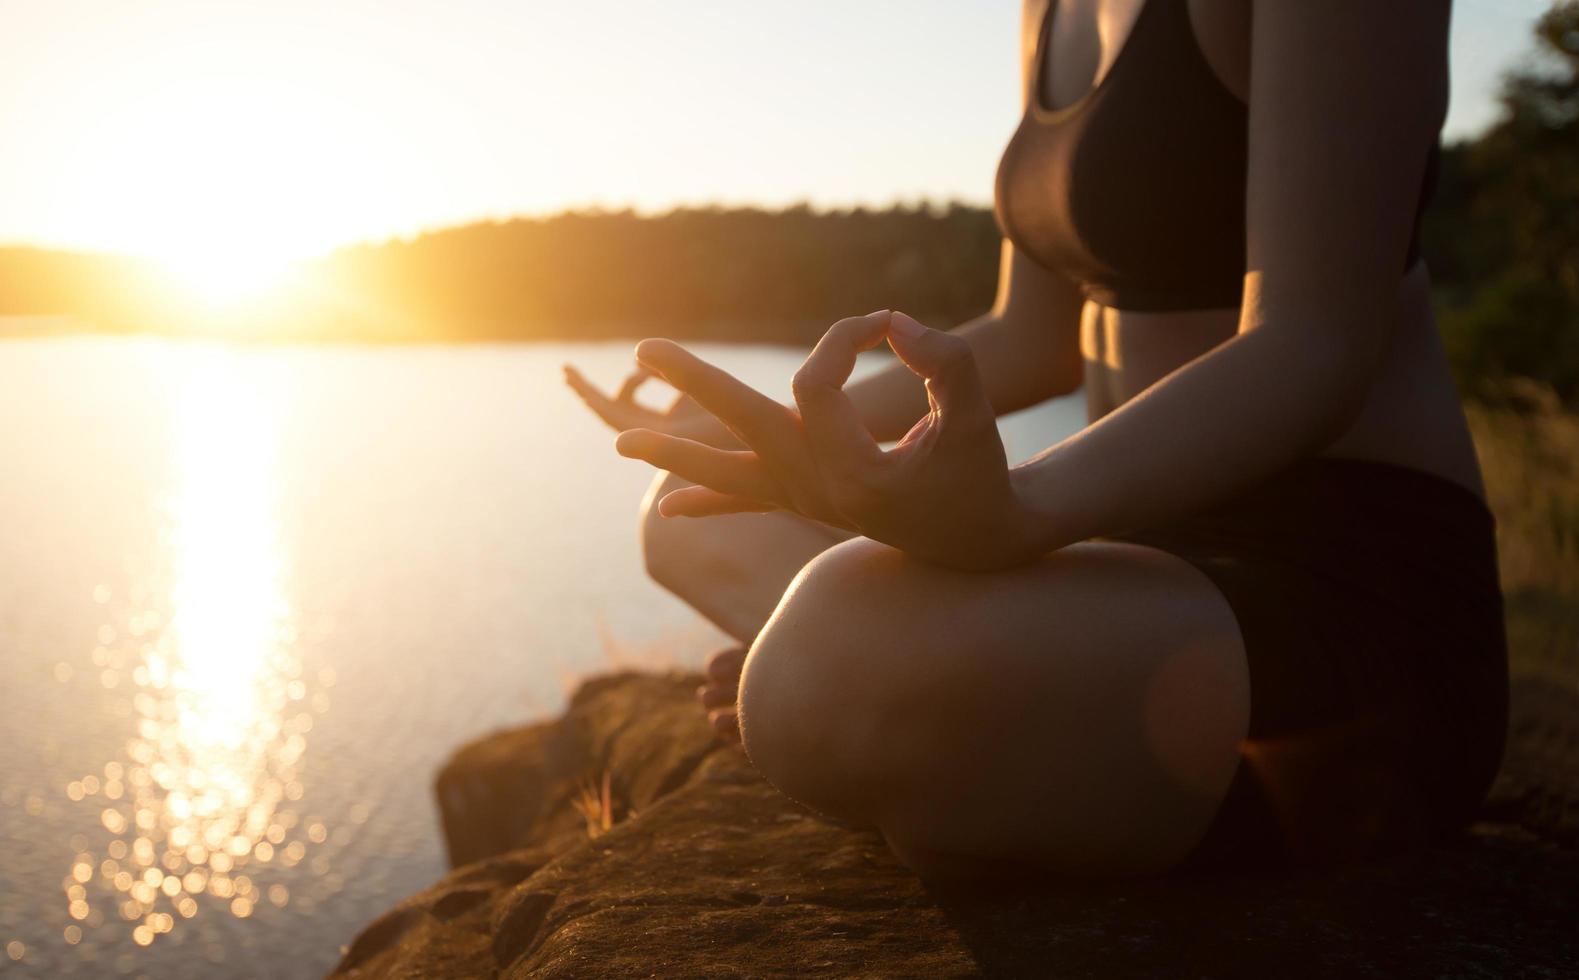 jonge gezonde vrouw beoefent yoga bij bergmeer tijdens zonsondergang. foto